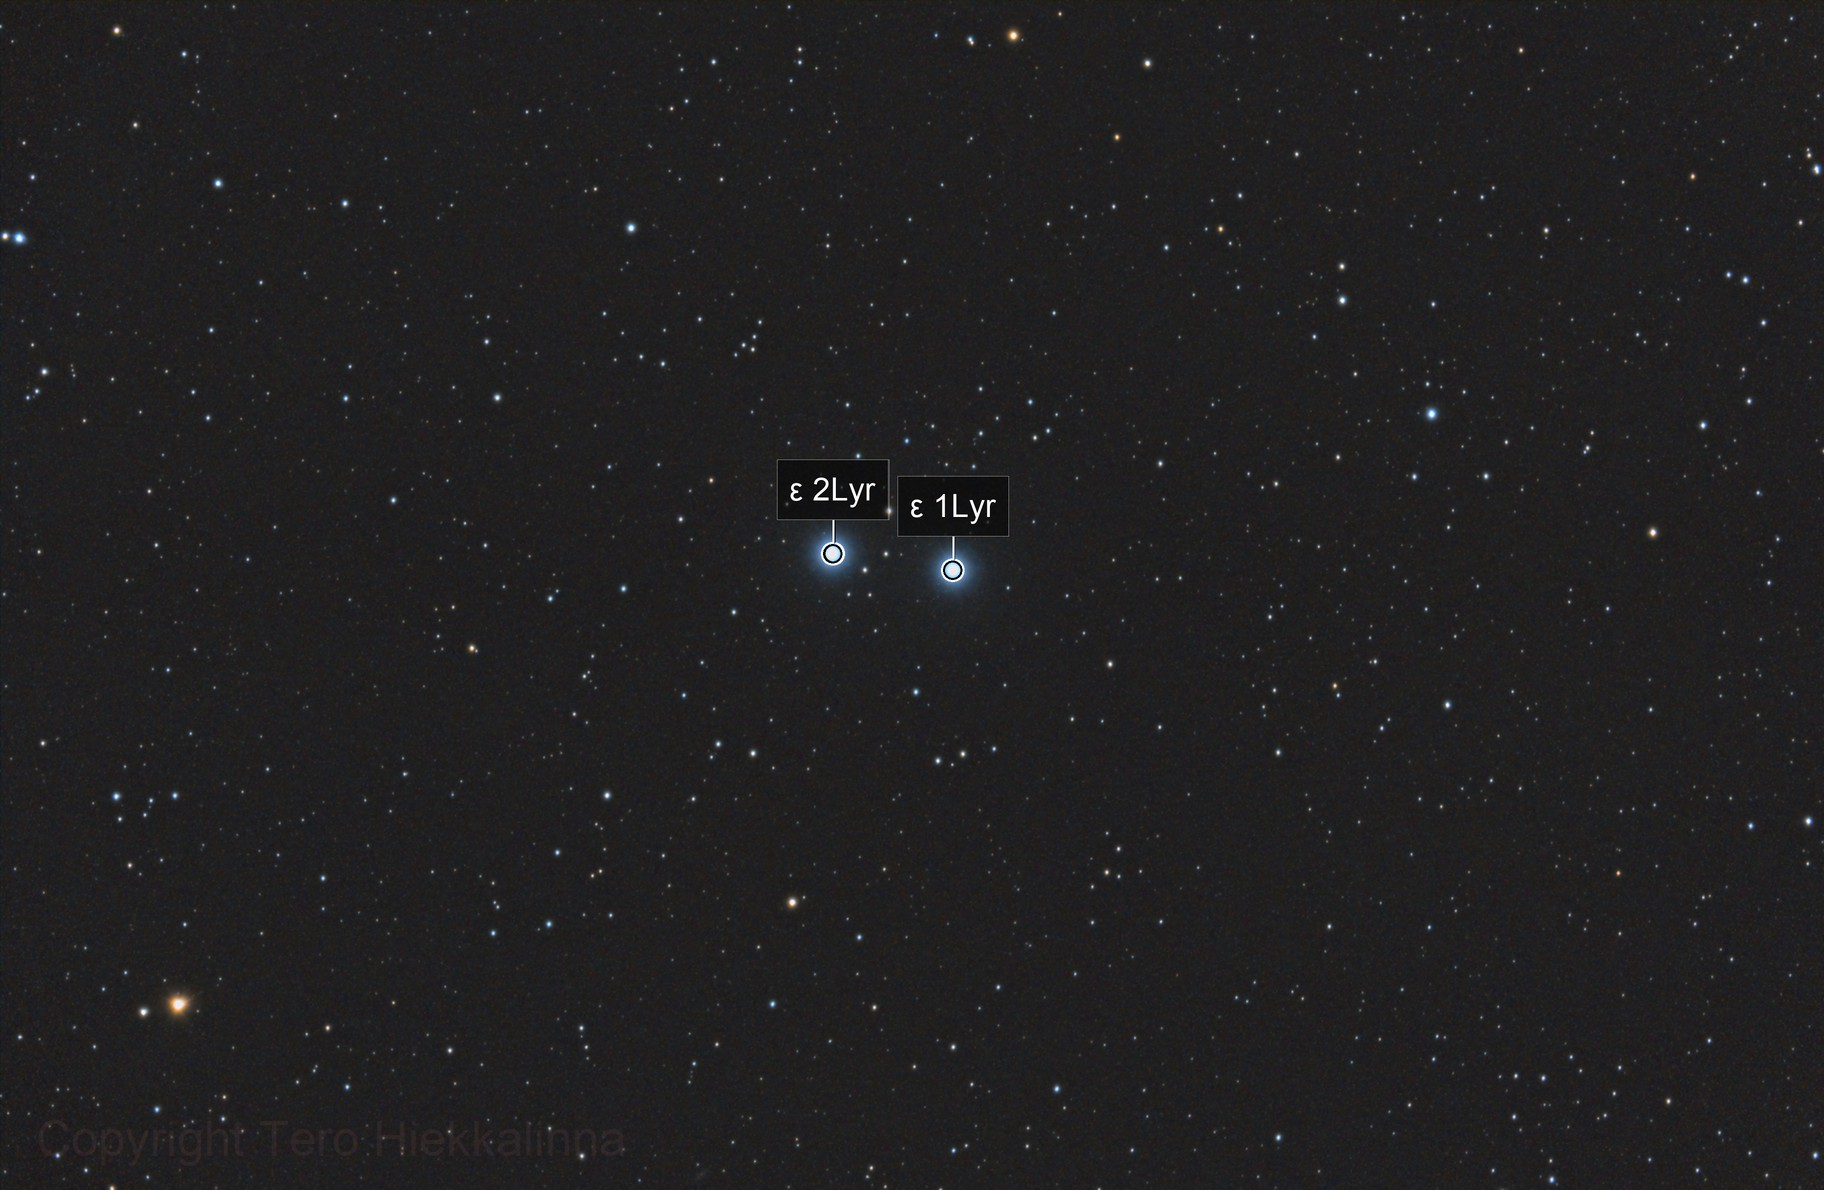 Epsilon Lyrae